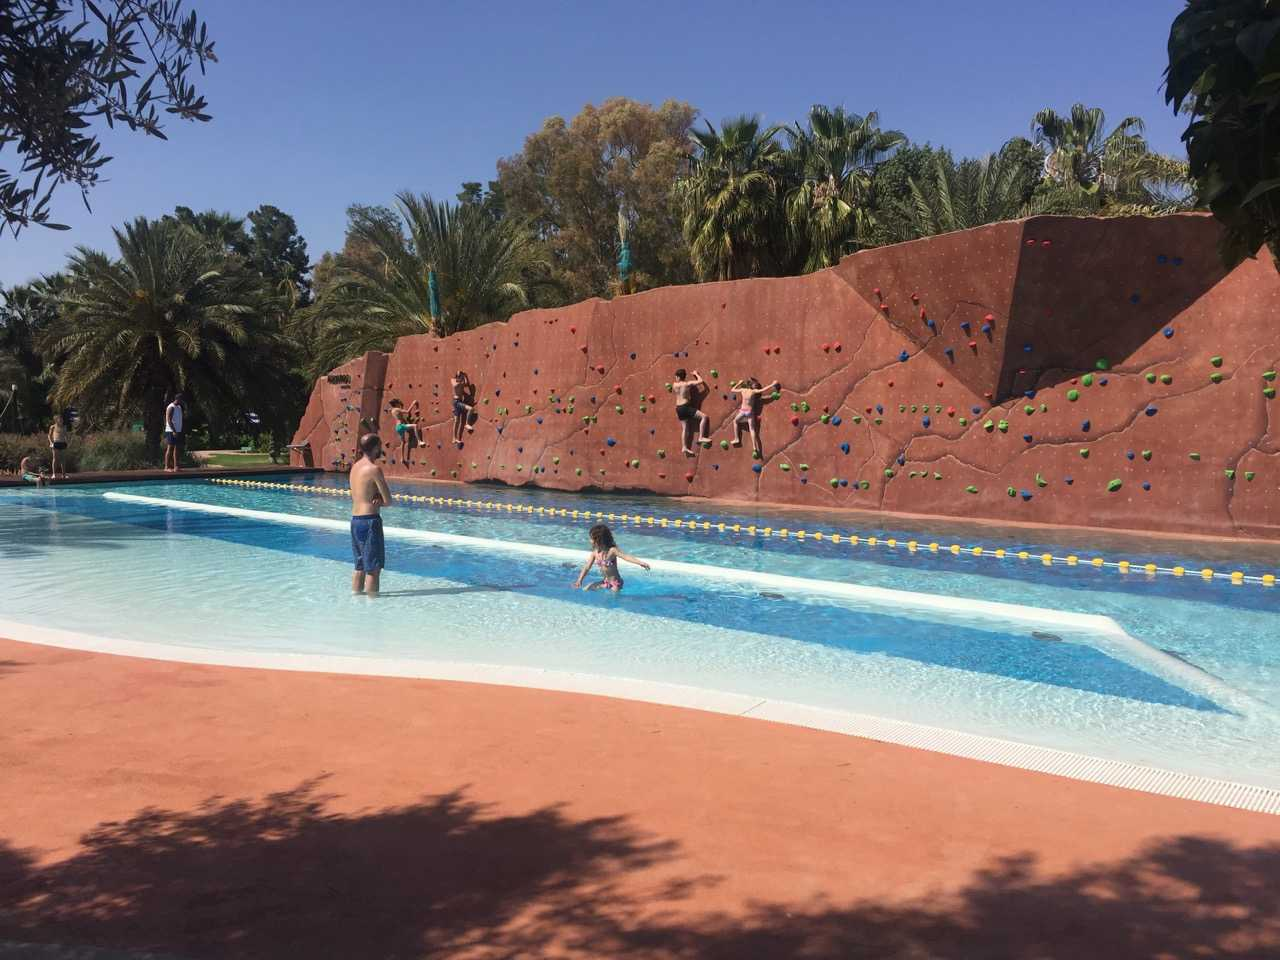 Le mur d'escalade est la grande nouveauté du célèbre parc aquatique Oasiria,